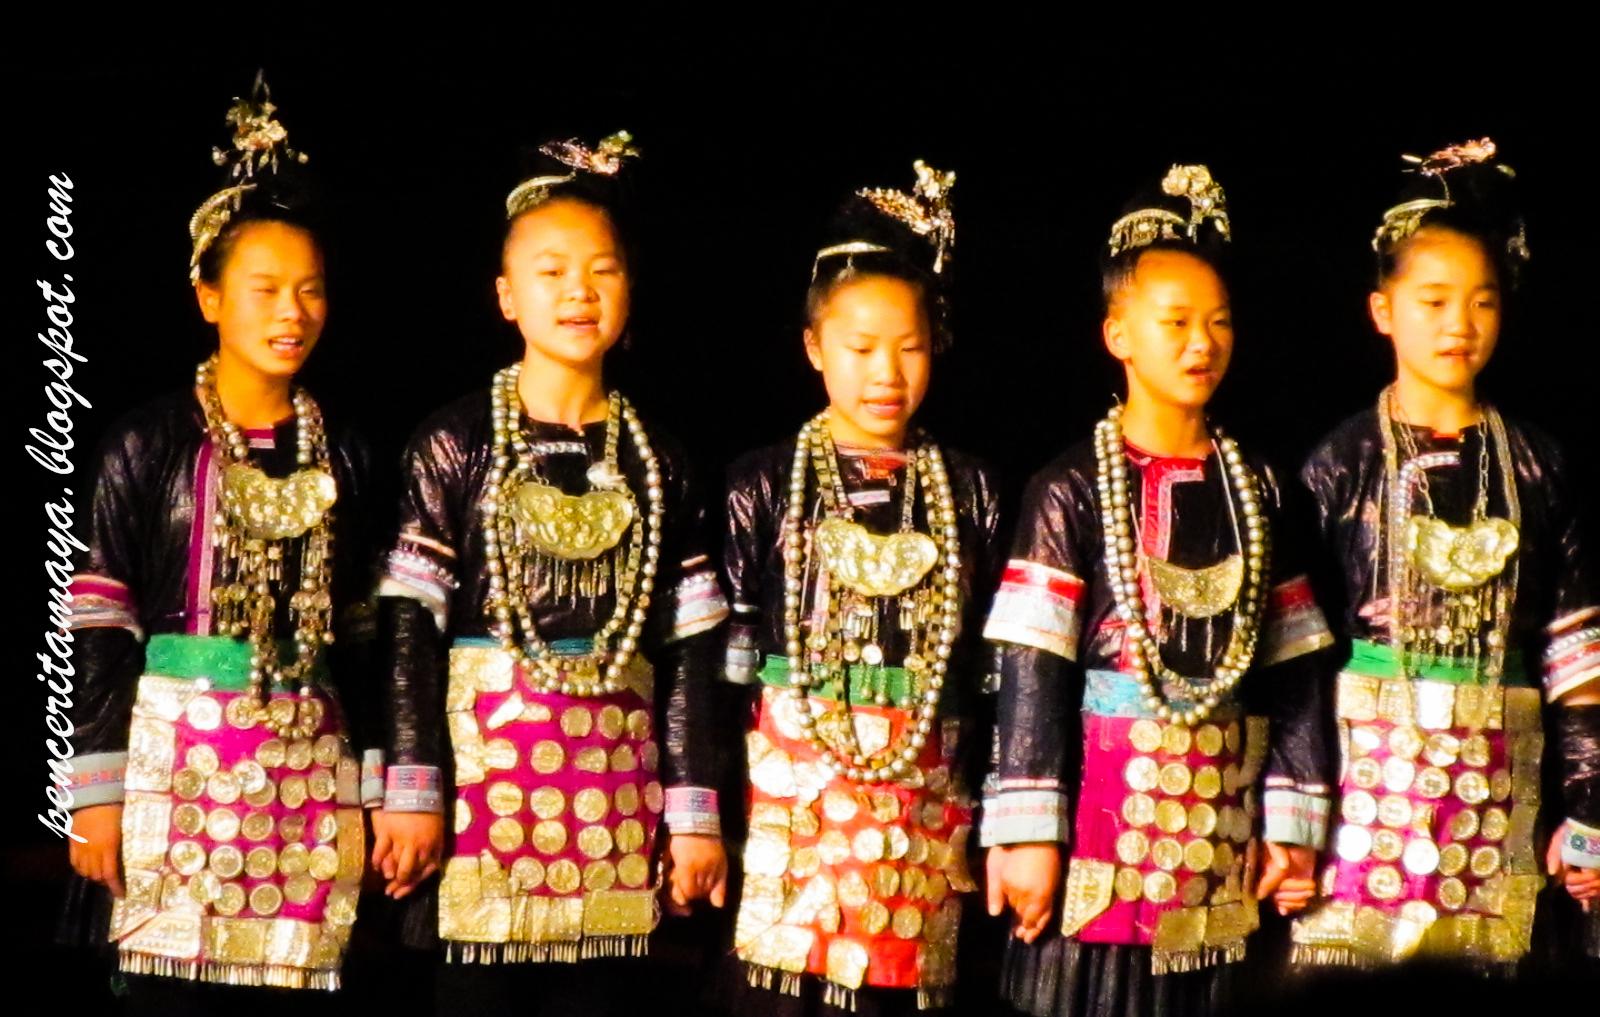 nyanyian dari anak anak gadis semangat masing masing menyanyi